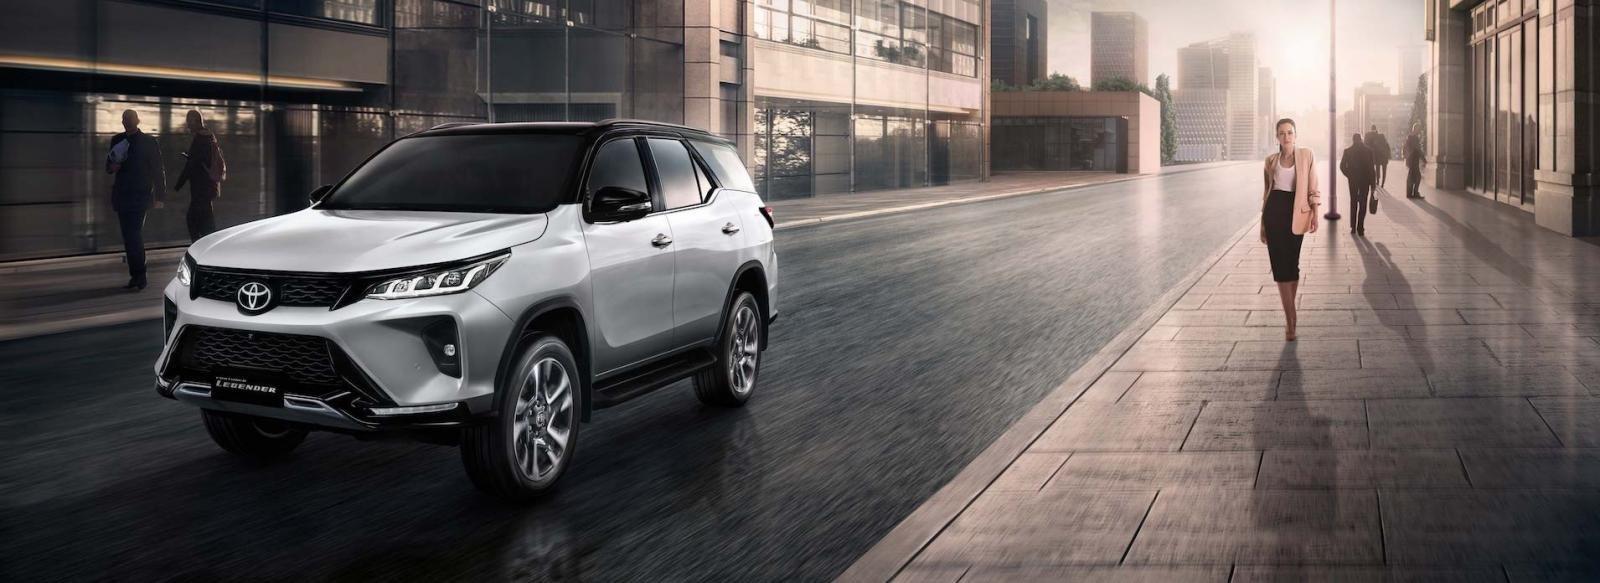 Toyota Fortuner Legender 2021có giá quy đổi từ 1,1 tỷ đồng tại Thái Lan..